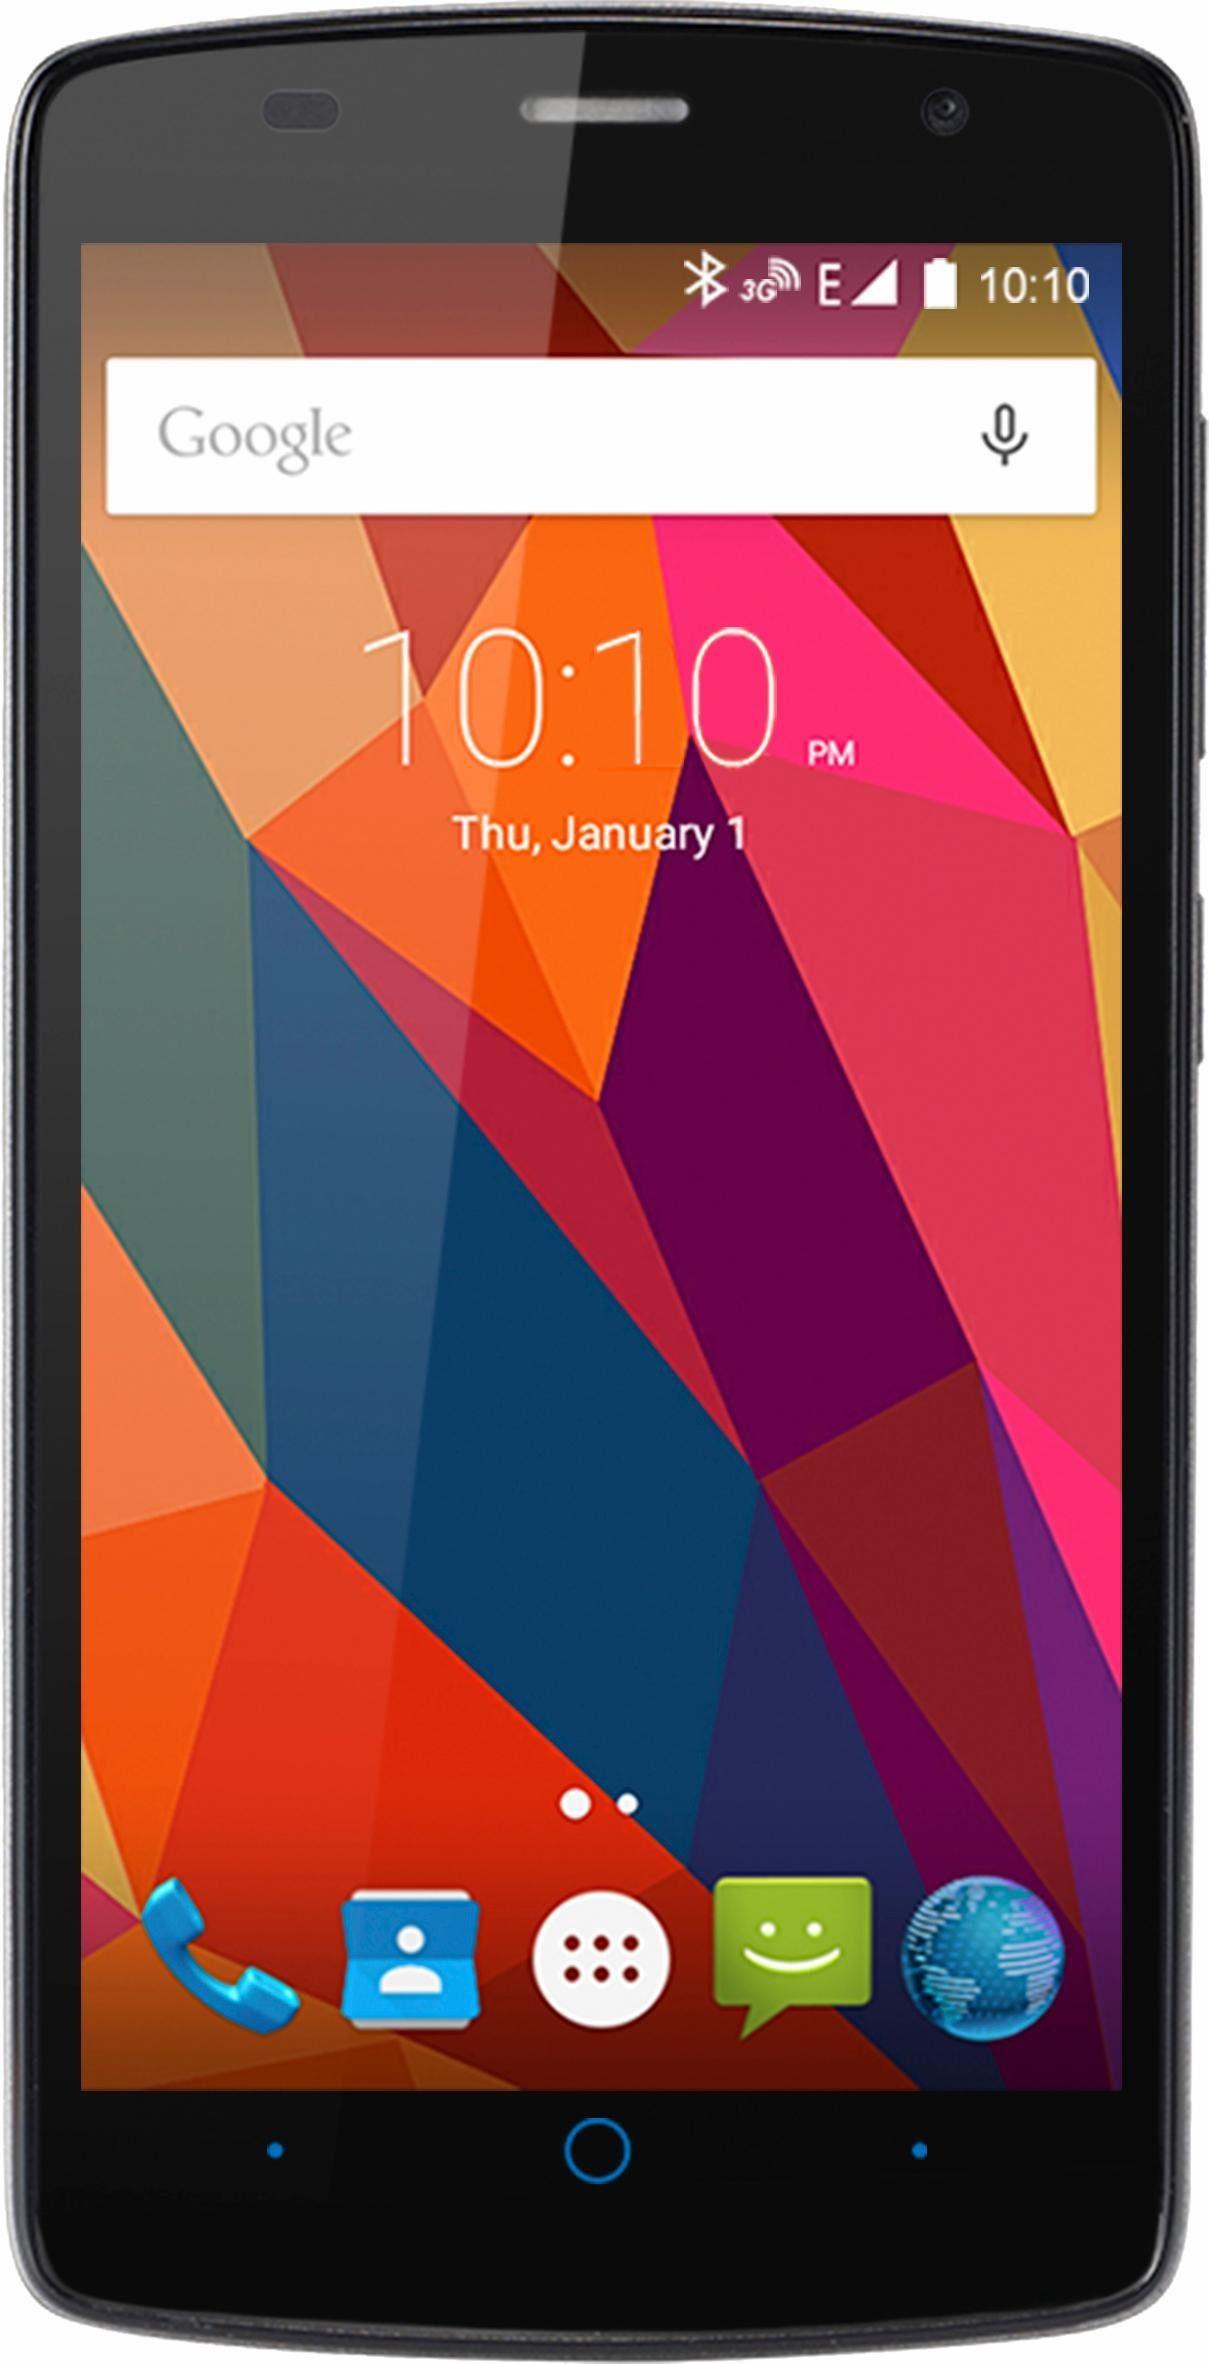 ZTE Blade L5 Smartphone, 12,7 cm (5 Zoll) Display, Android 5.1 Lollipop, 8,0 Megapixel